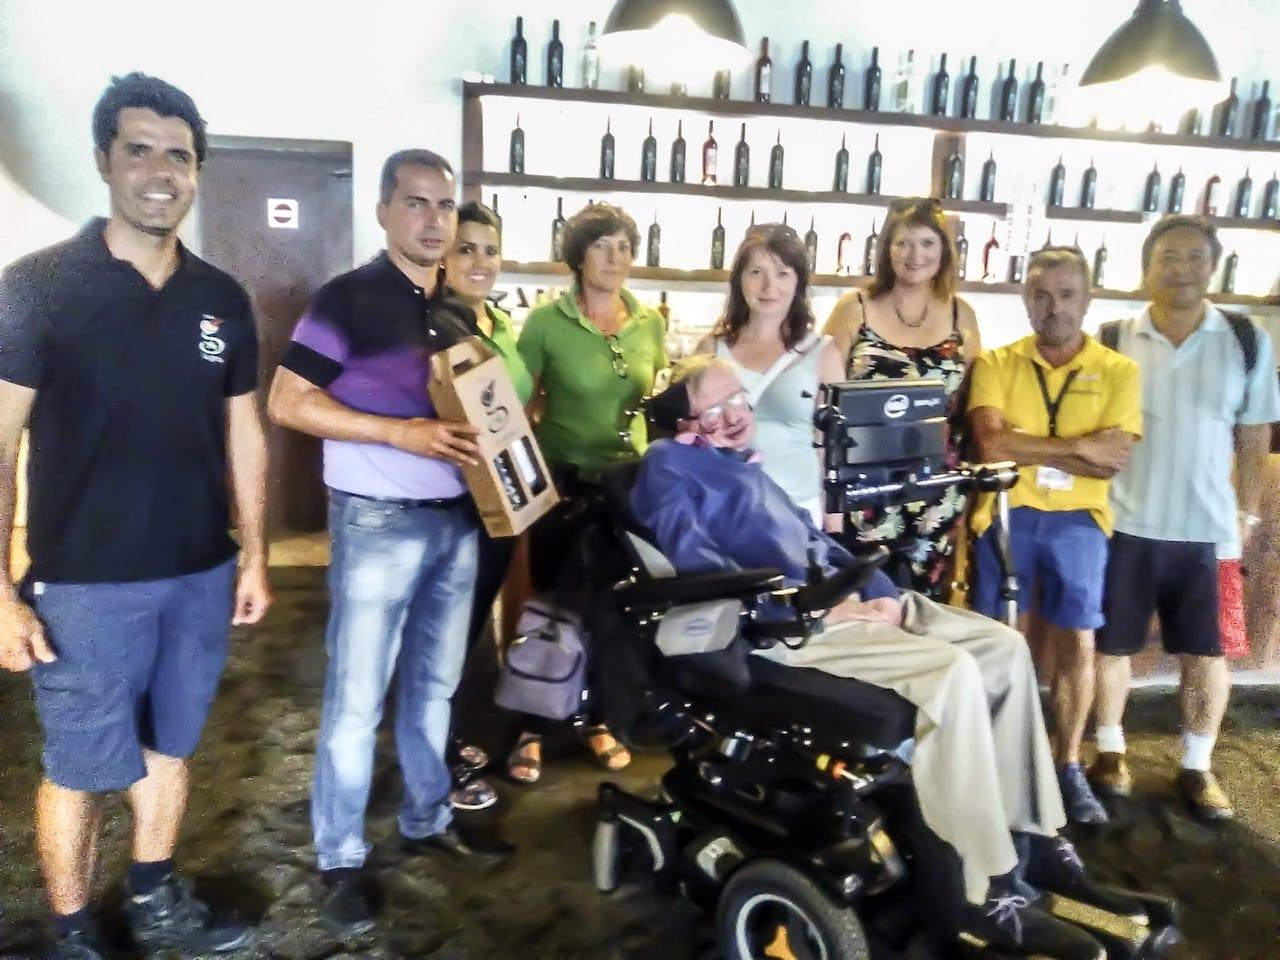 Stephen-Hawking-de-visita-en-la-Bodega-La-Geria-Lanzarote